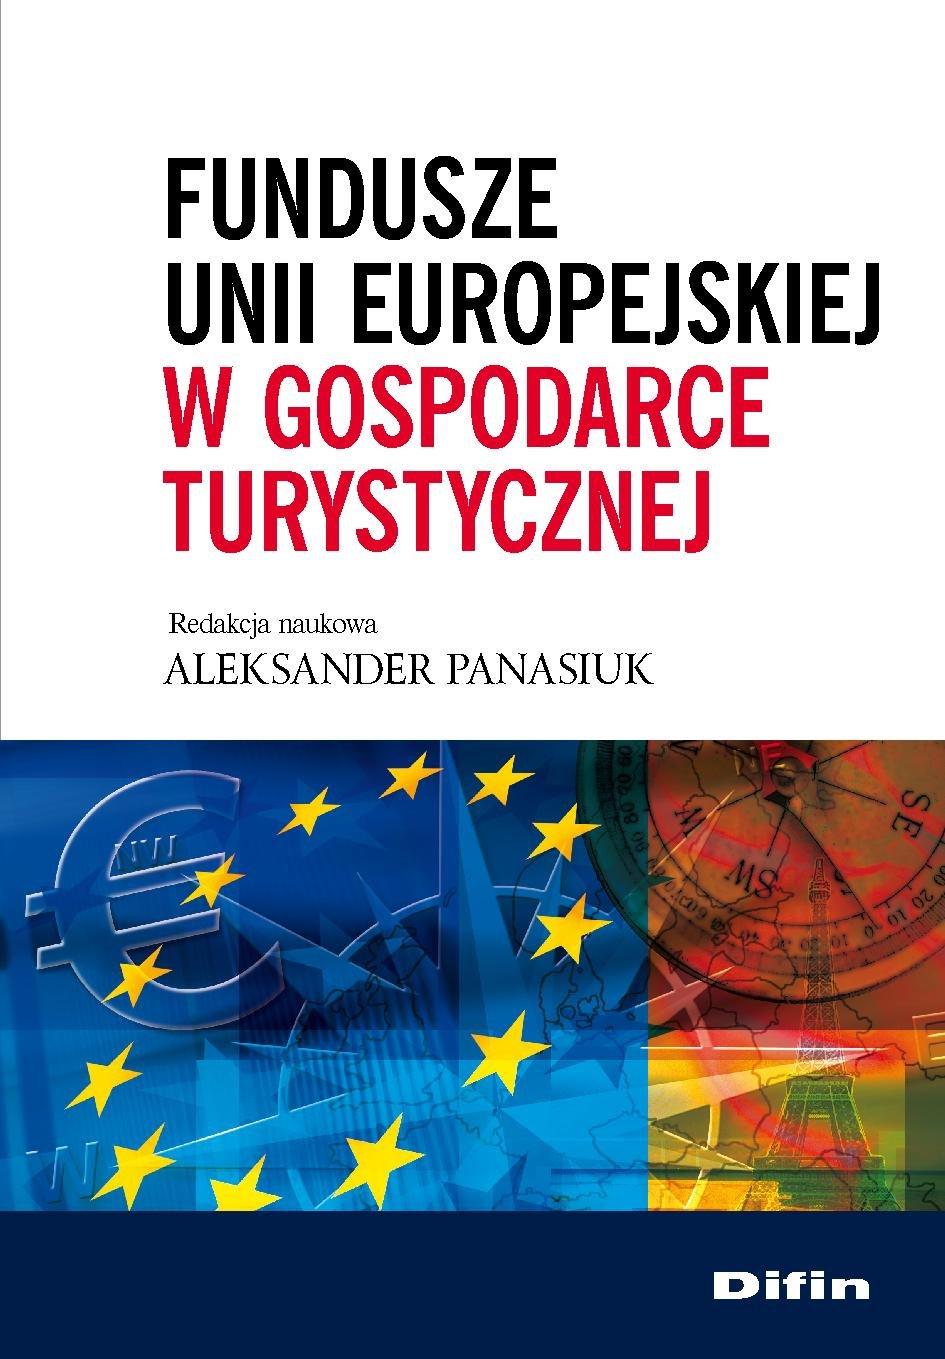 Fundusze Unii Europejskiej w gospodarce turystycznej - Ebook (Książka PDF) do pobrania w formacie PDF